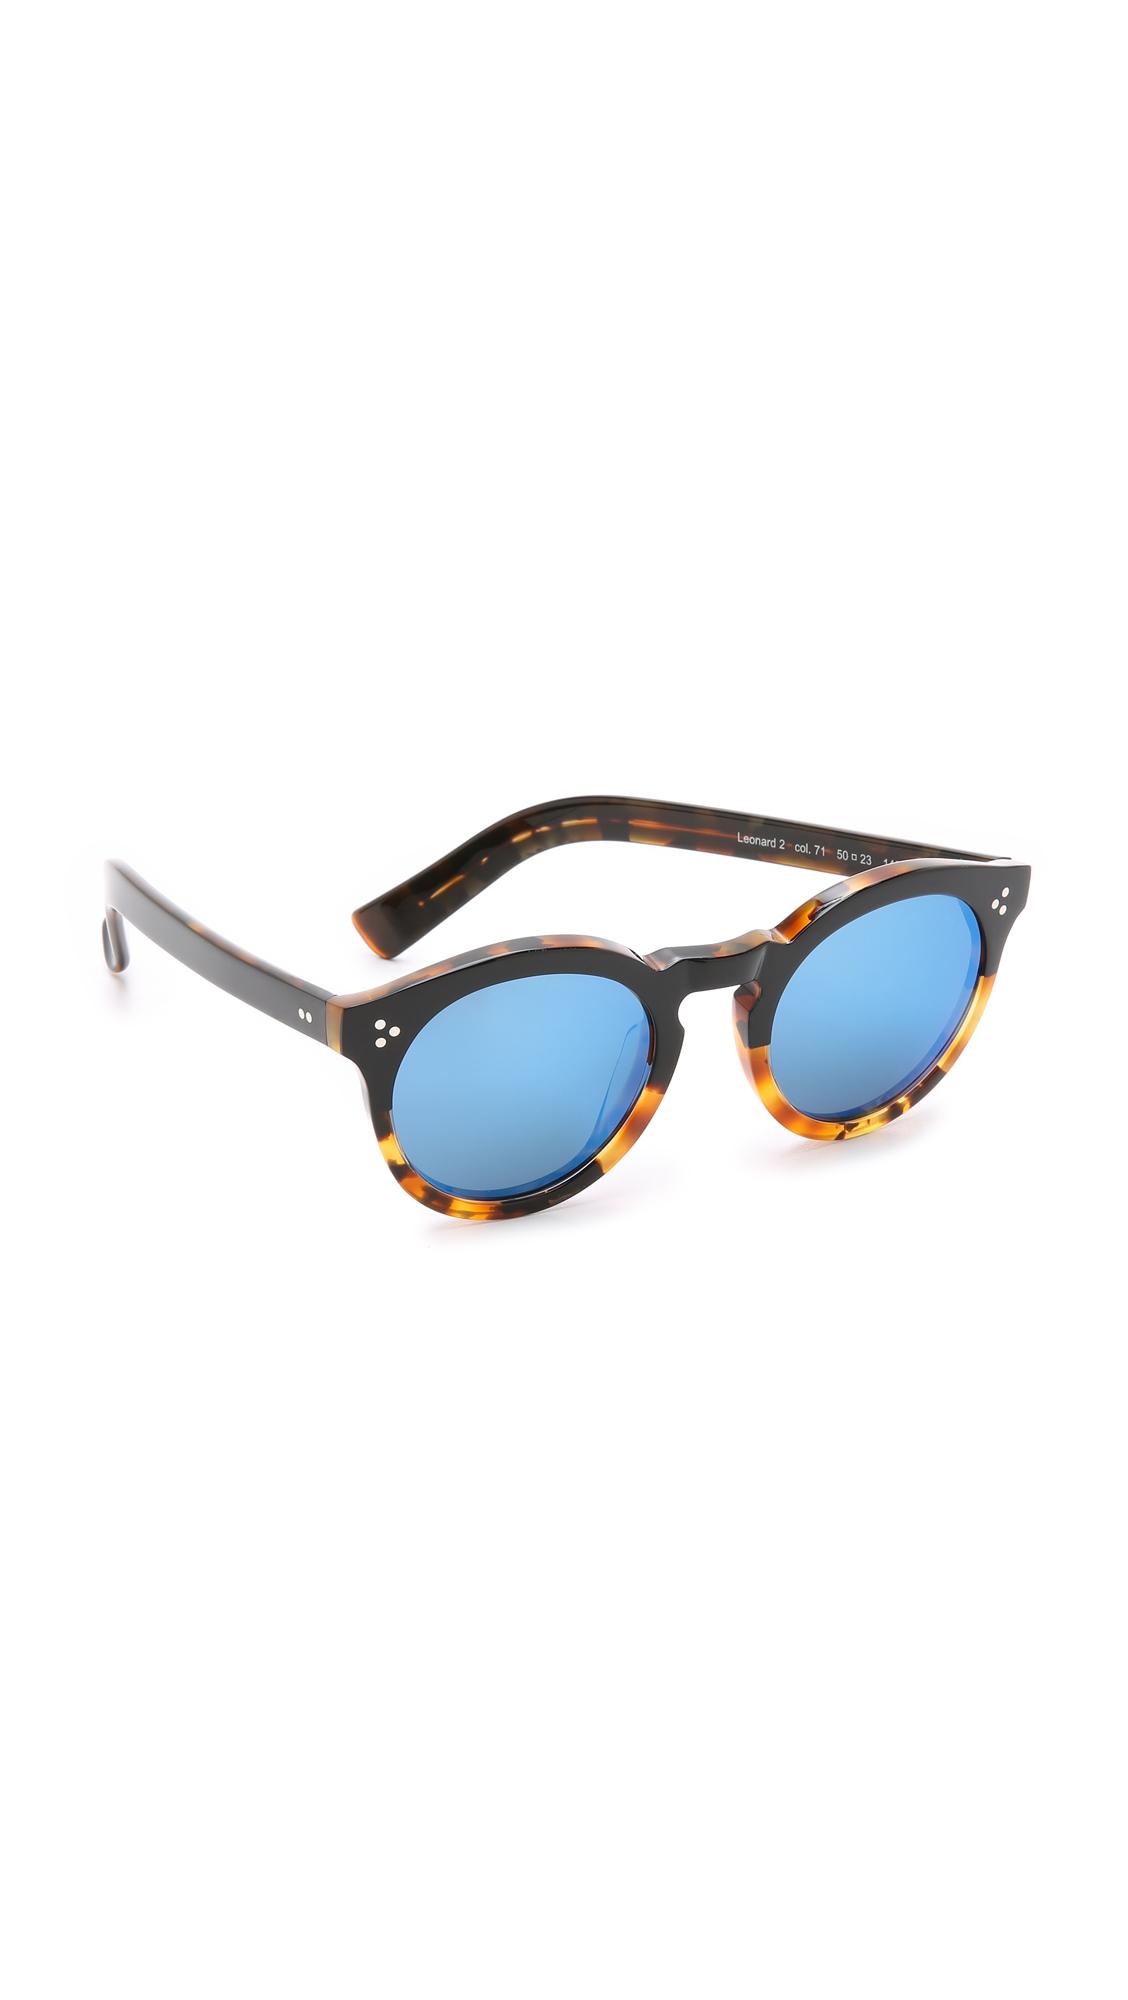 67799c7acc4 Illesteva Leonard Ii Half And Half Mirrored Sunglasses - Black Light ...